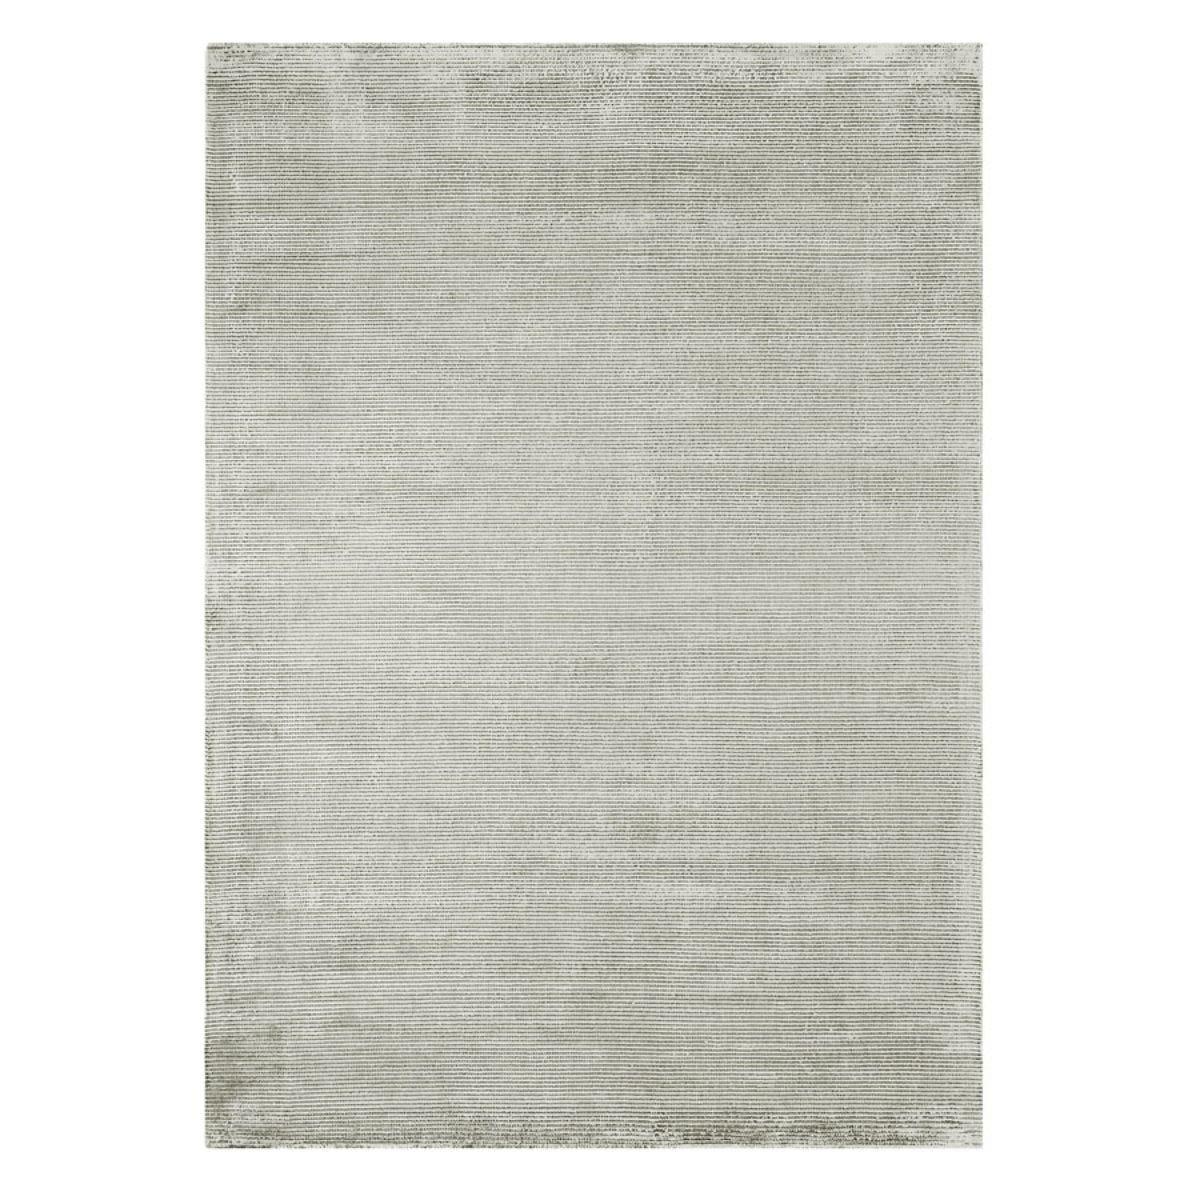 Asiatic Reko Rug, 200 x 300cm - French Grey